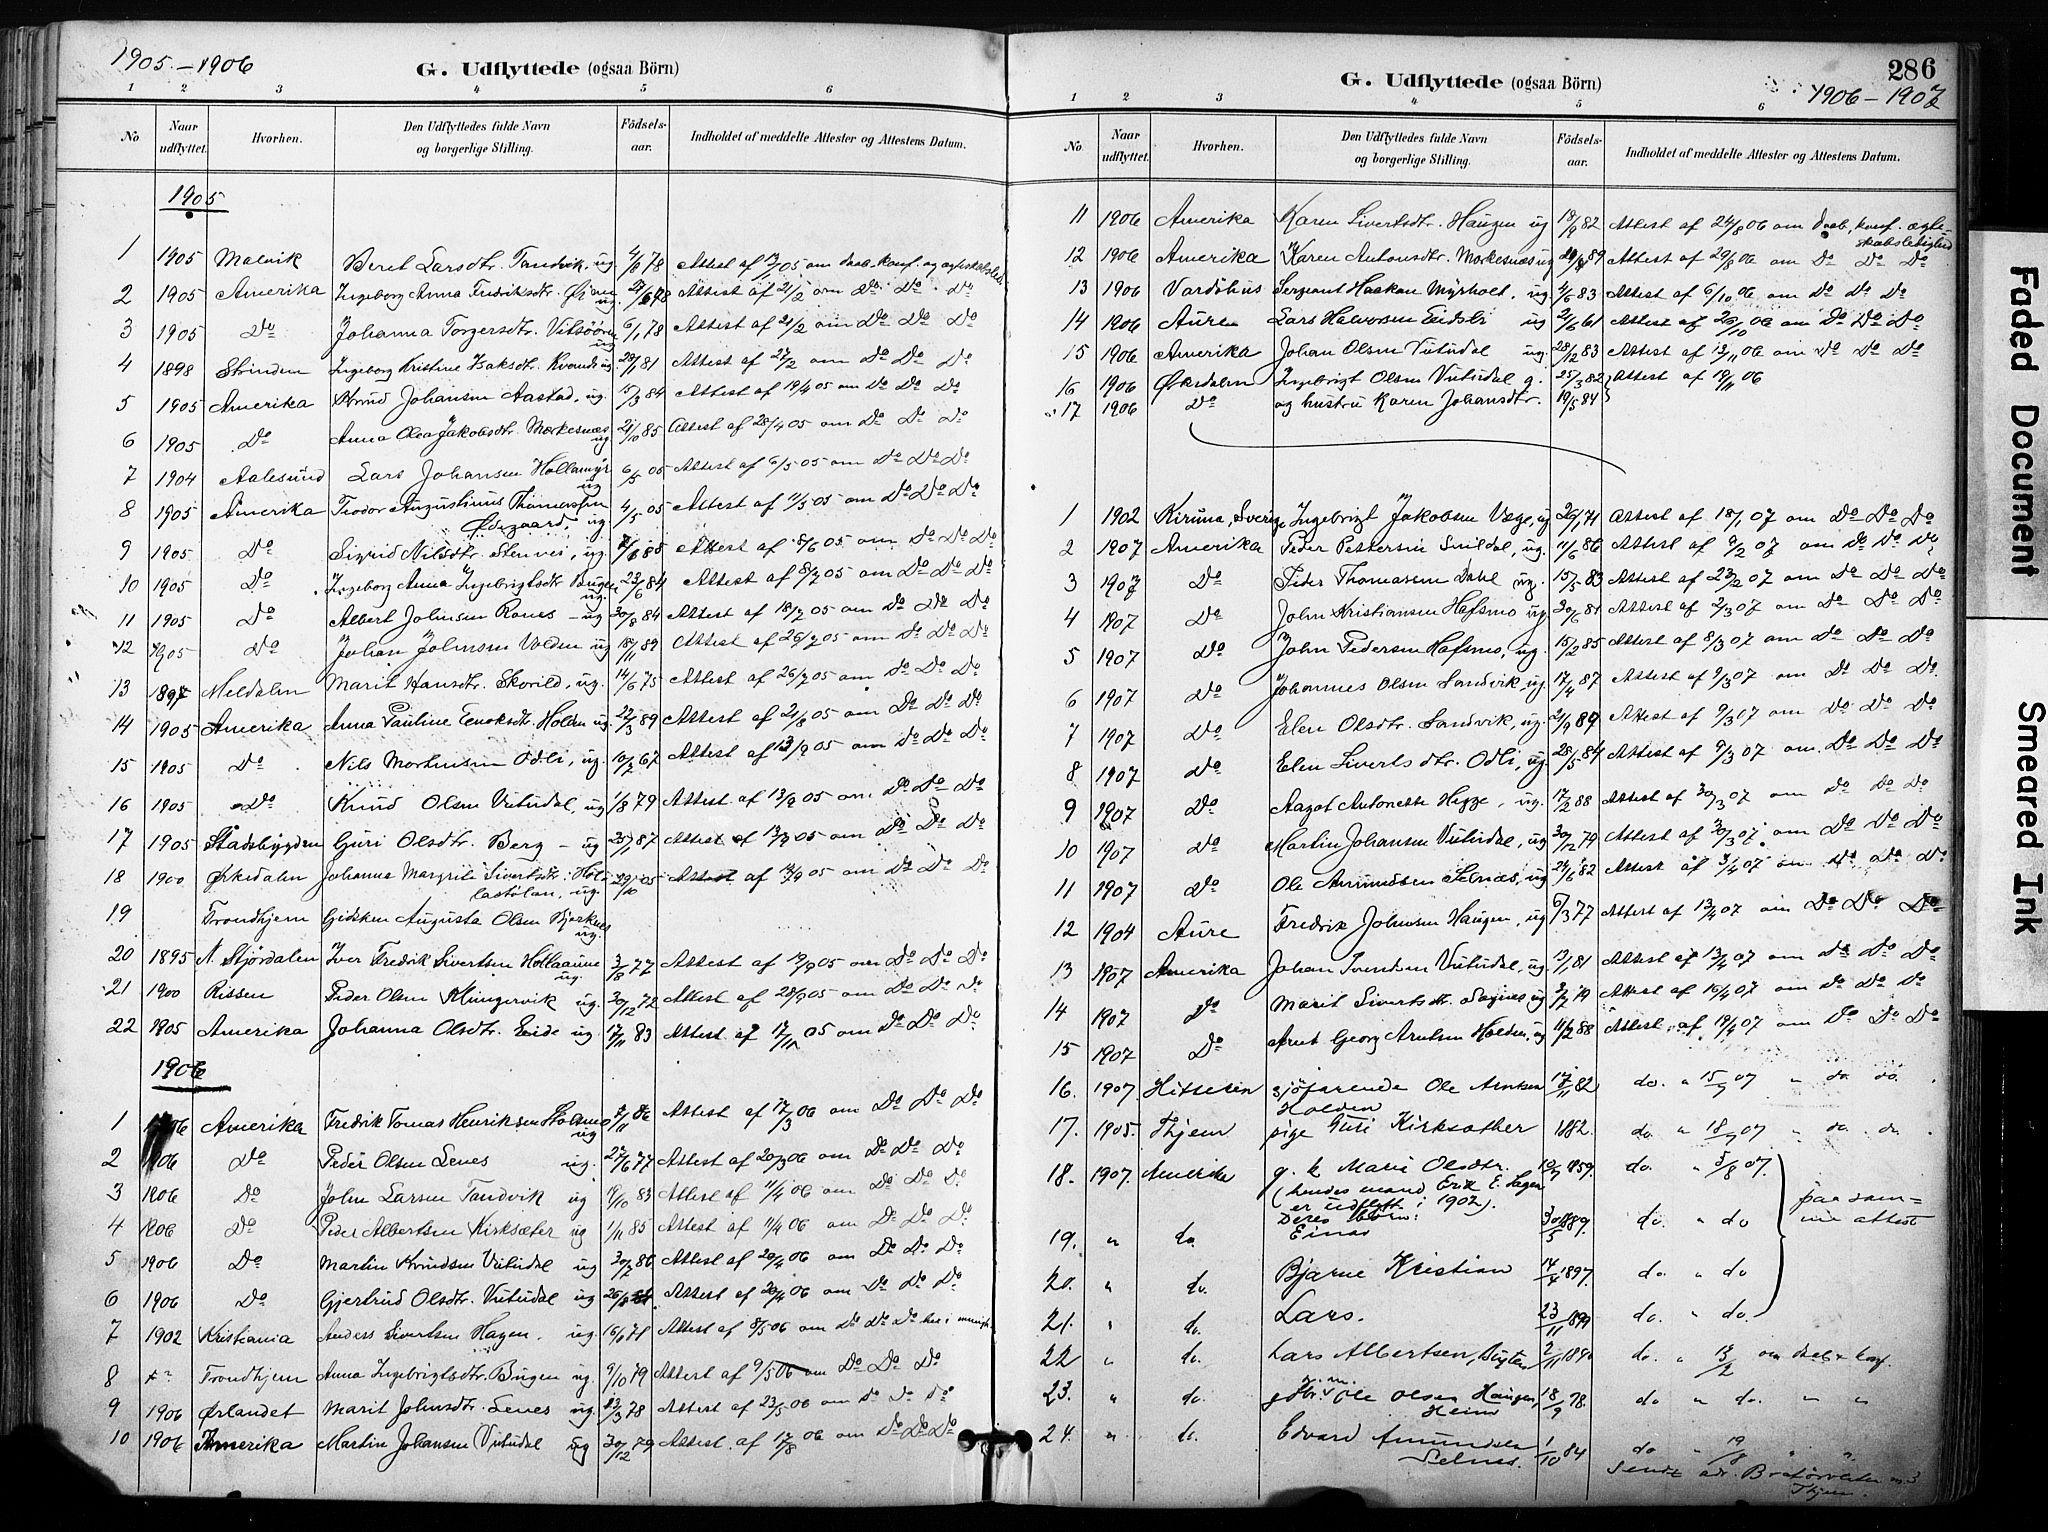 SAT, Ministerialprotokoller, klokkerbøker og fødselsregistre - Sør-Trøndelag, 630/L0497: Ministerialbok nr. 630A10, 1896-1910, s. 286